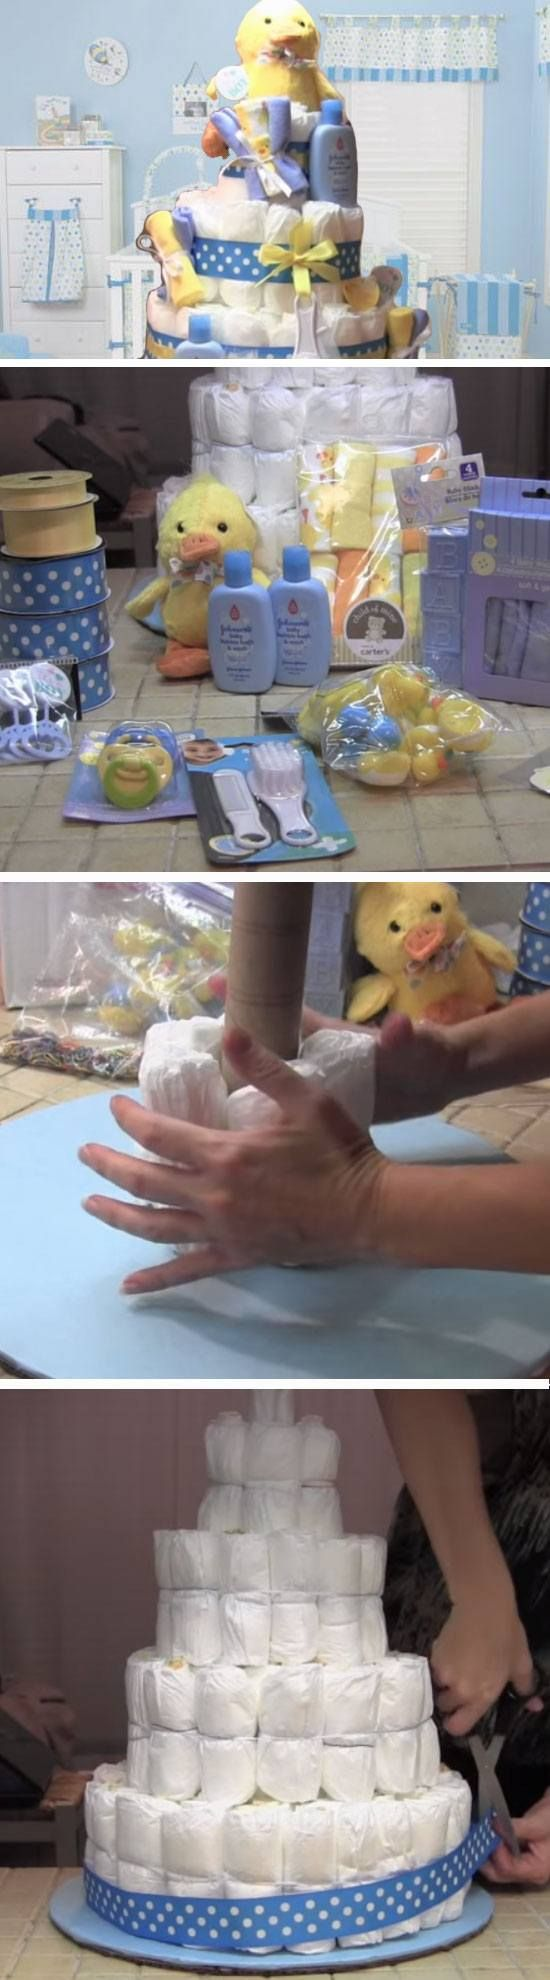 Ducky Diaper Cake | DIY Baby Shower Gift Basket Ideas for Boys